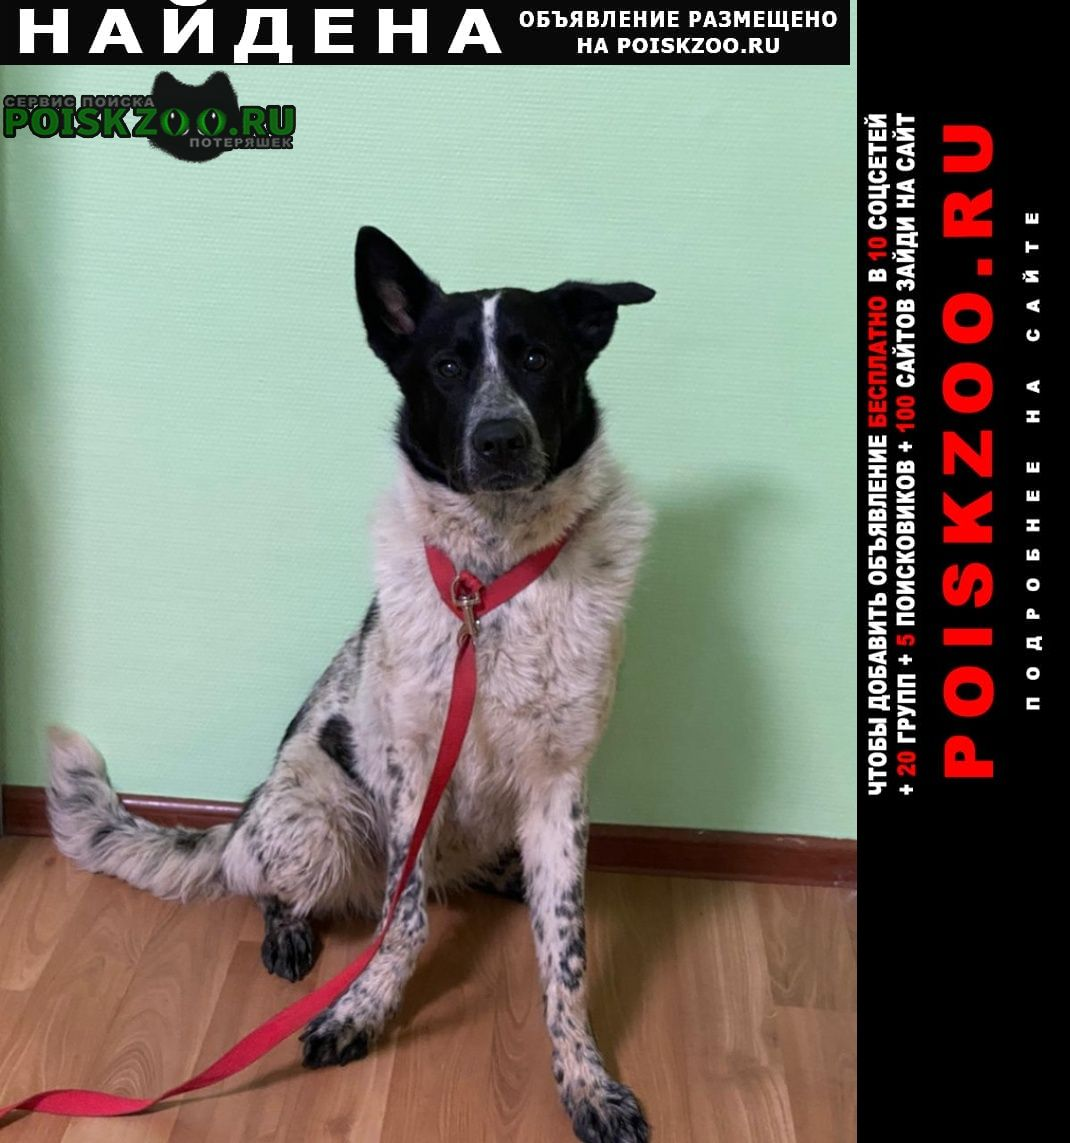 Найдена собака кобель пес г.Москва